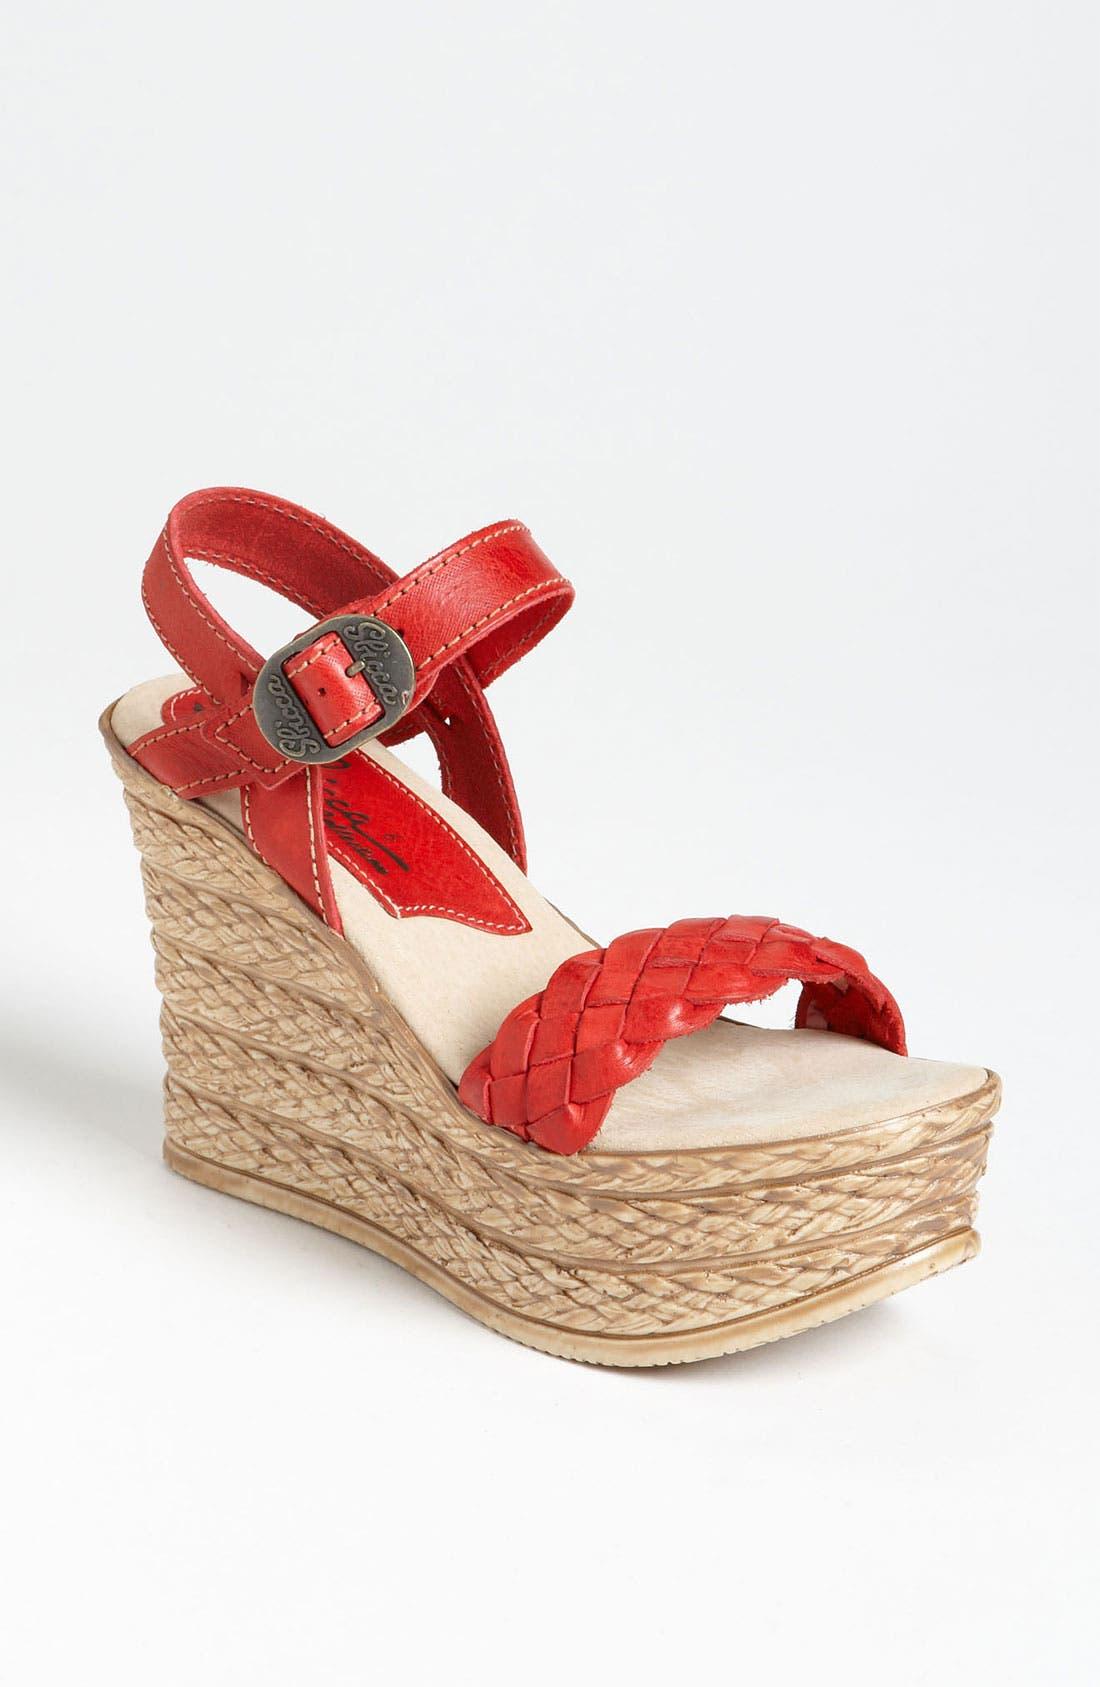 Main Image - Sbicca 'Salinas' Sandal